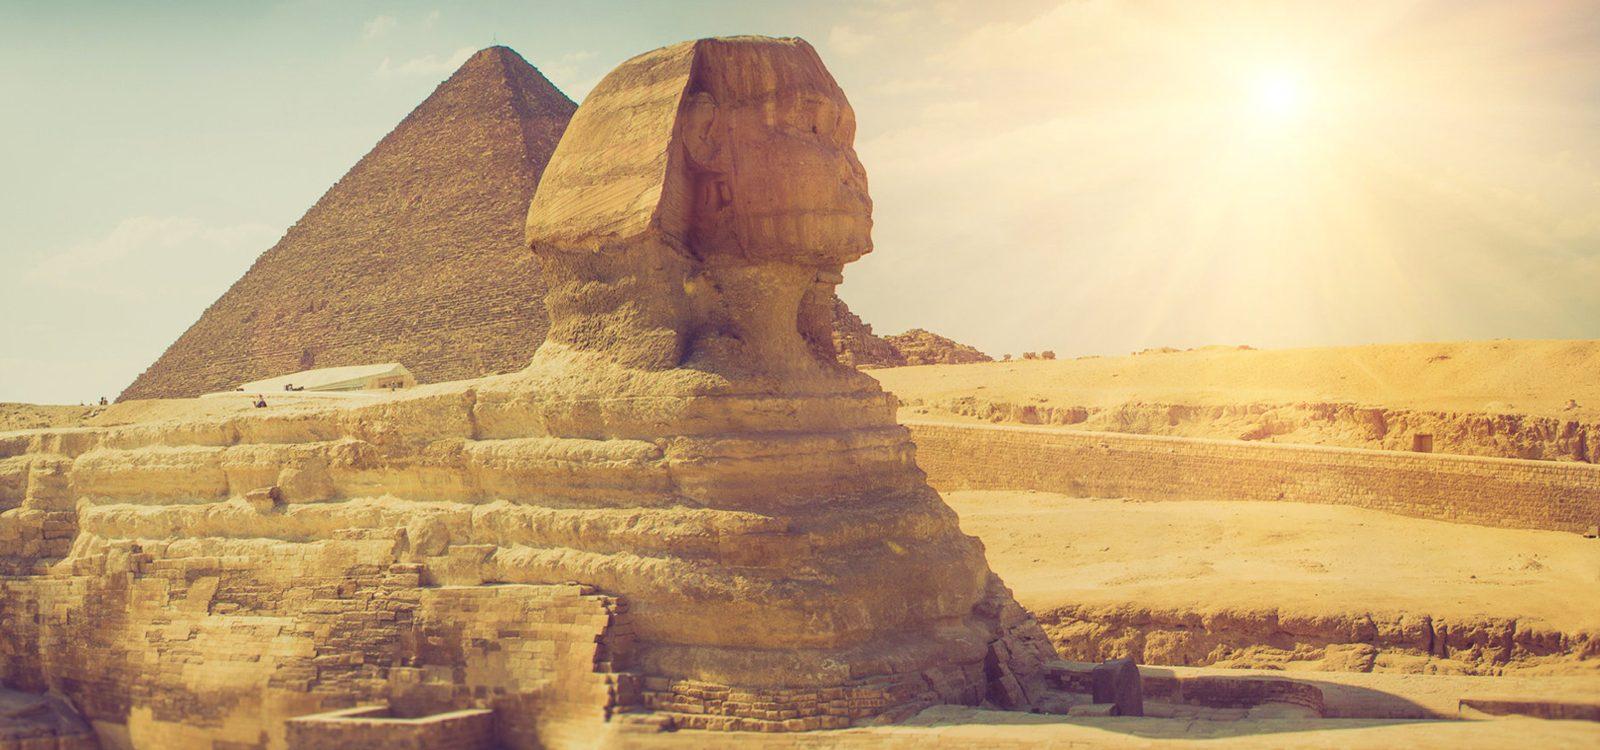 viajes a Egipto desde España, crucero por el Nilo y estancia en el Cairo